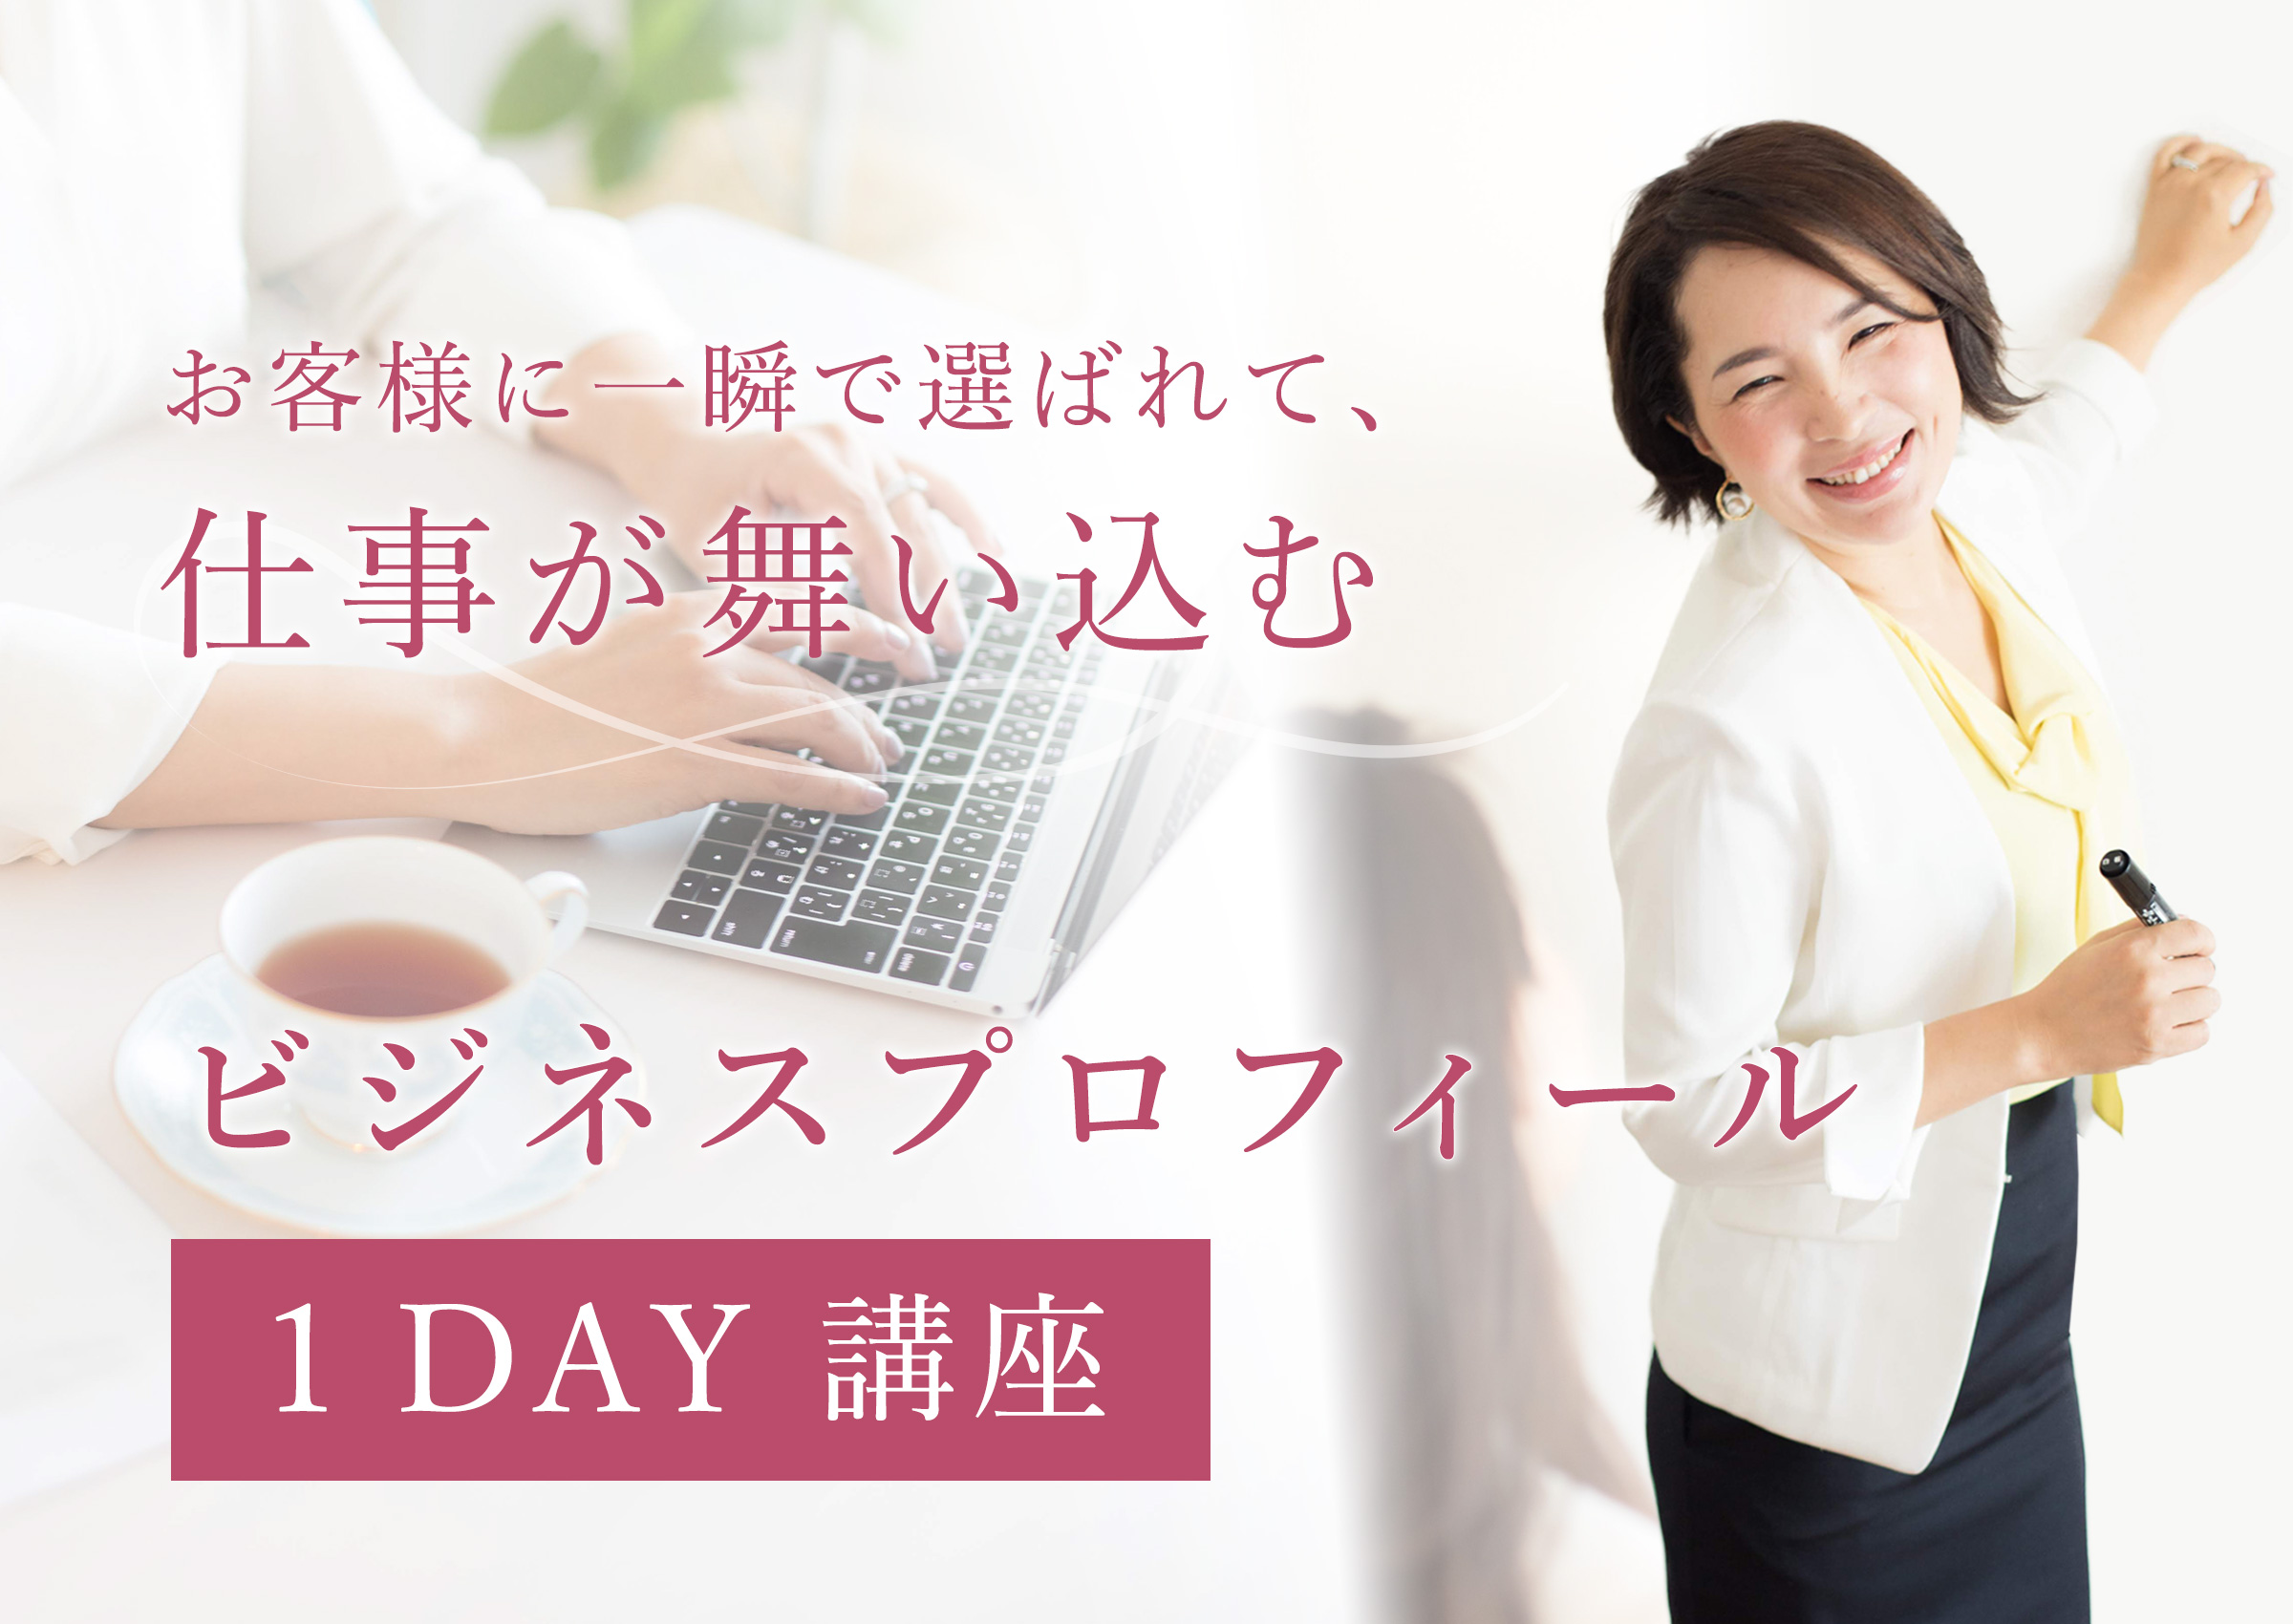 お客様に一瞬で選ばれて、仕事が舞い込むビジネス・プロフィールが、 たった1日で自由に書けるようになる!1DAY講座